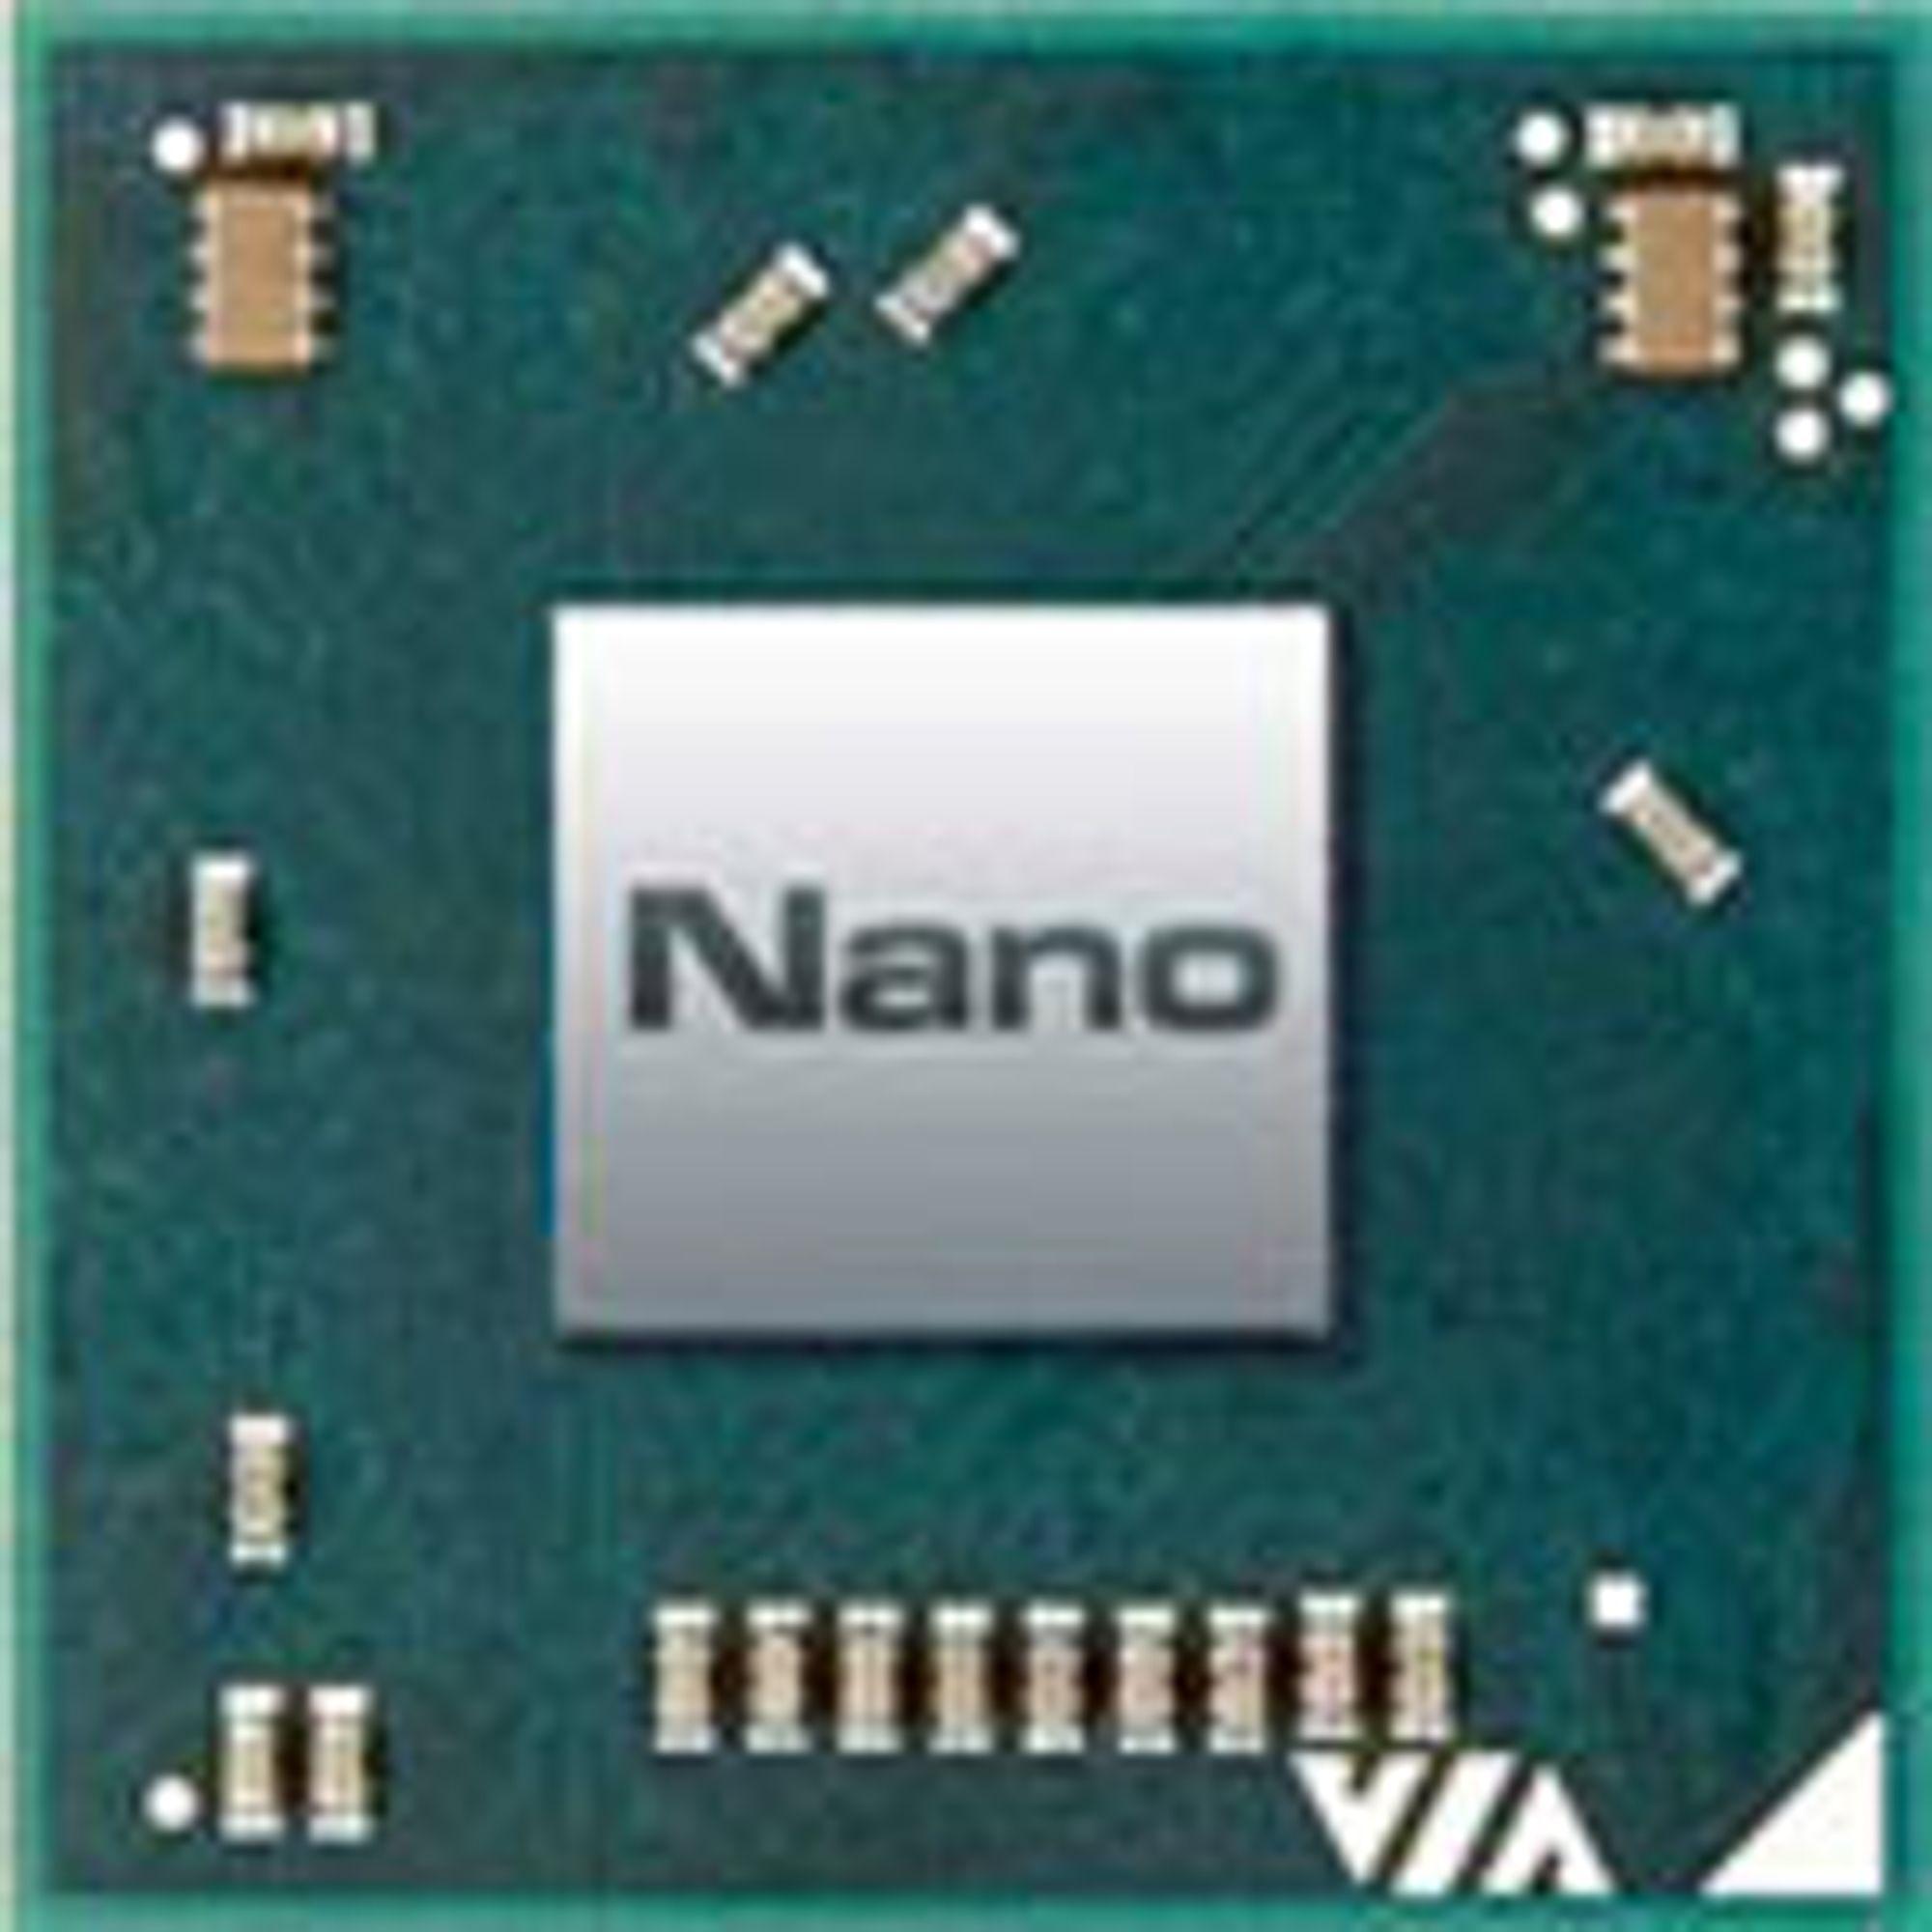 Dagens Nano-prosessor fra Via.